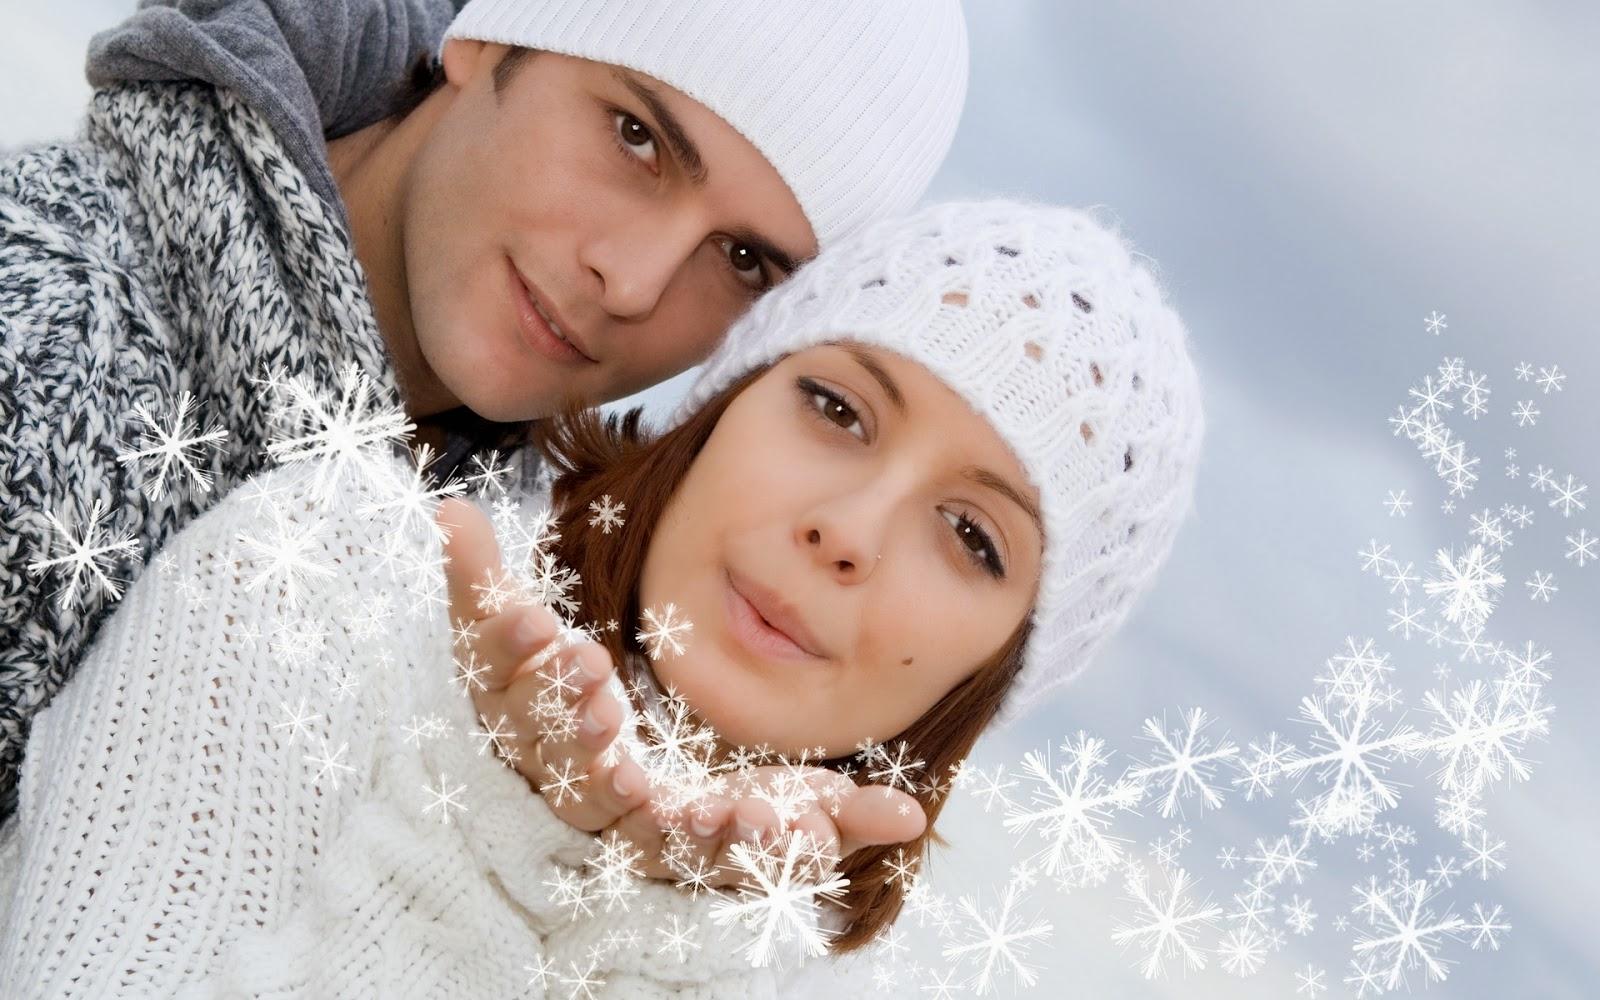 Кружит белая метель каждый день мы ждем подарок